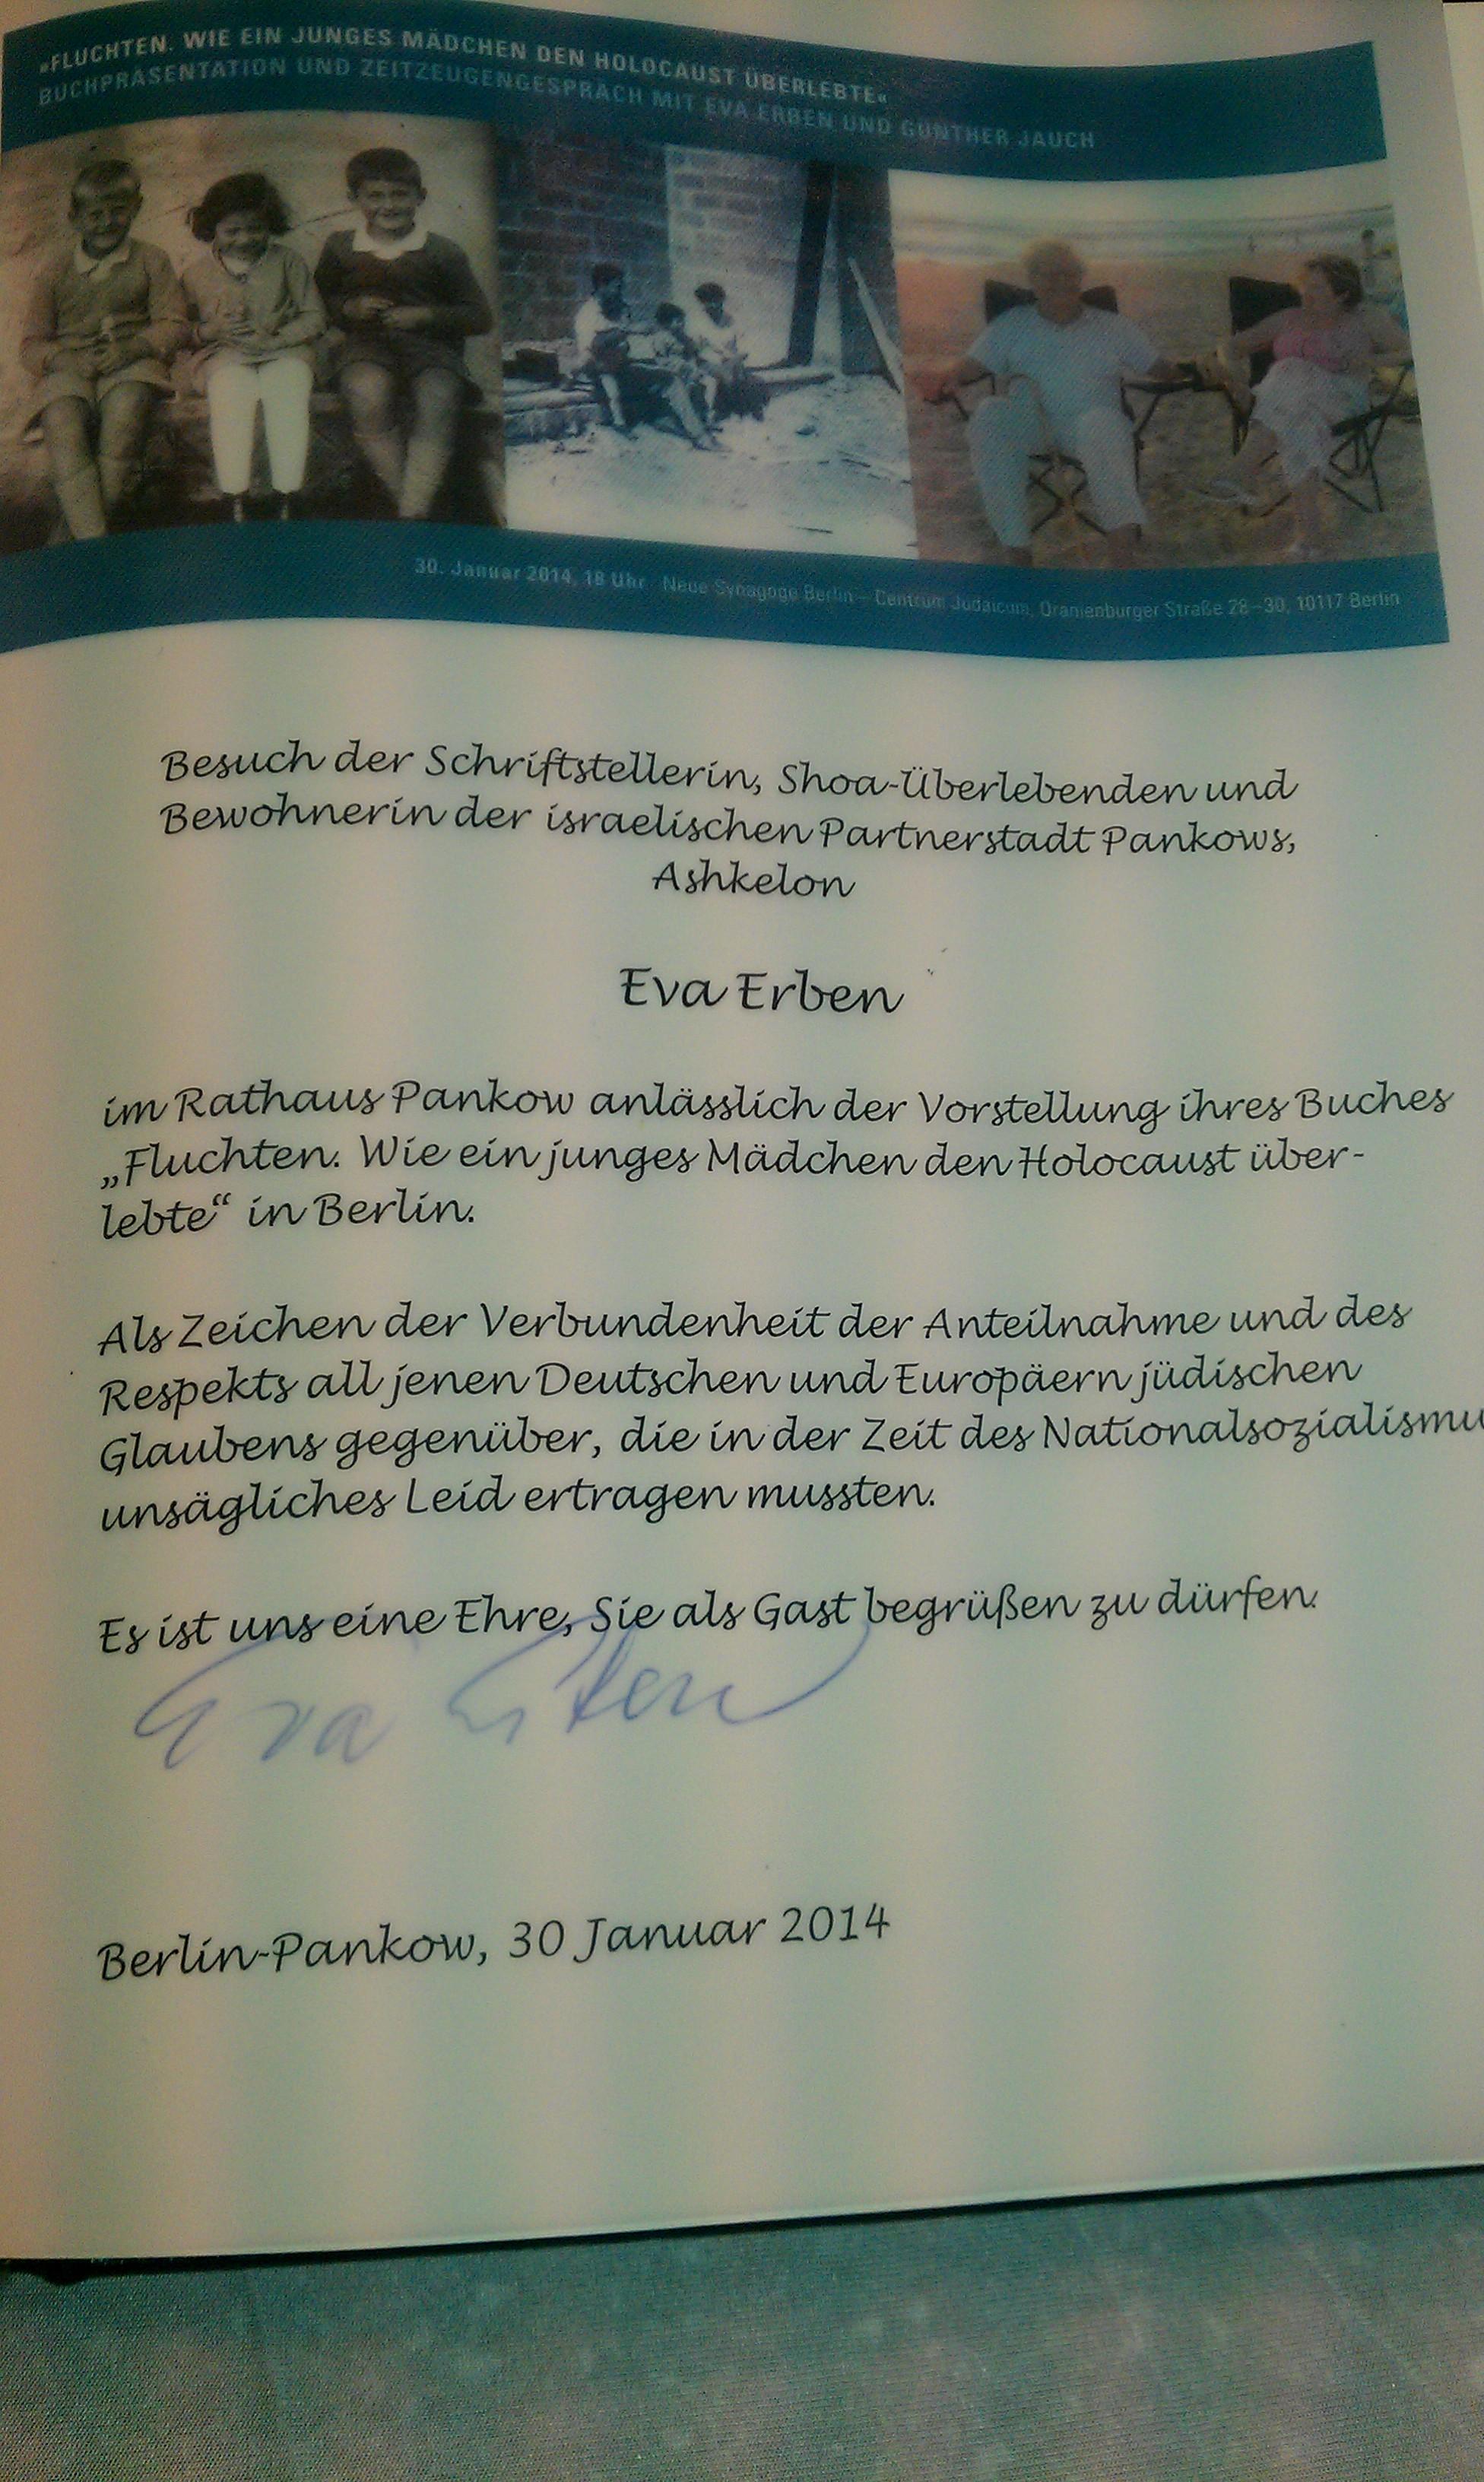 Eva Erben im Goldenen Buch von Pankow, 2014